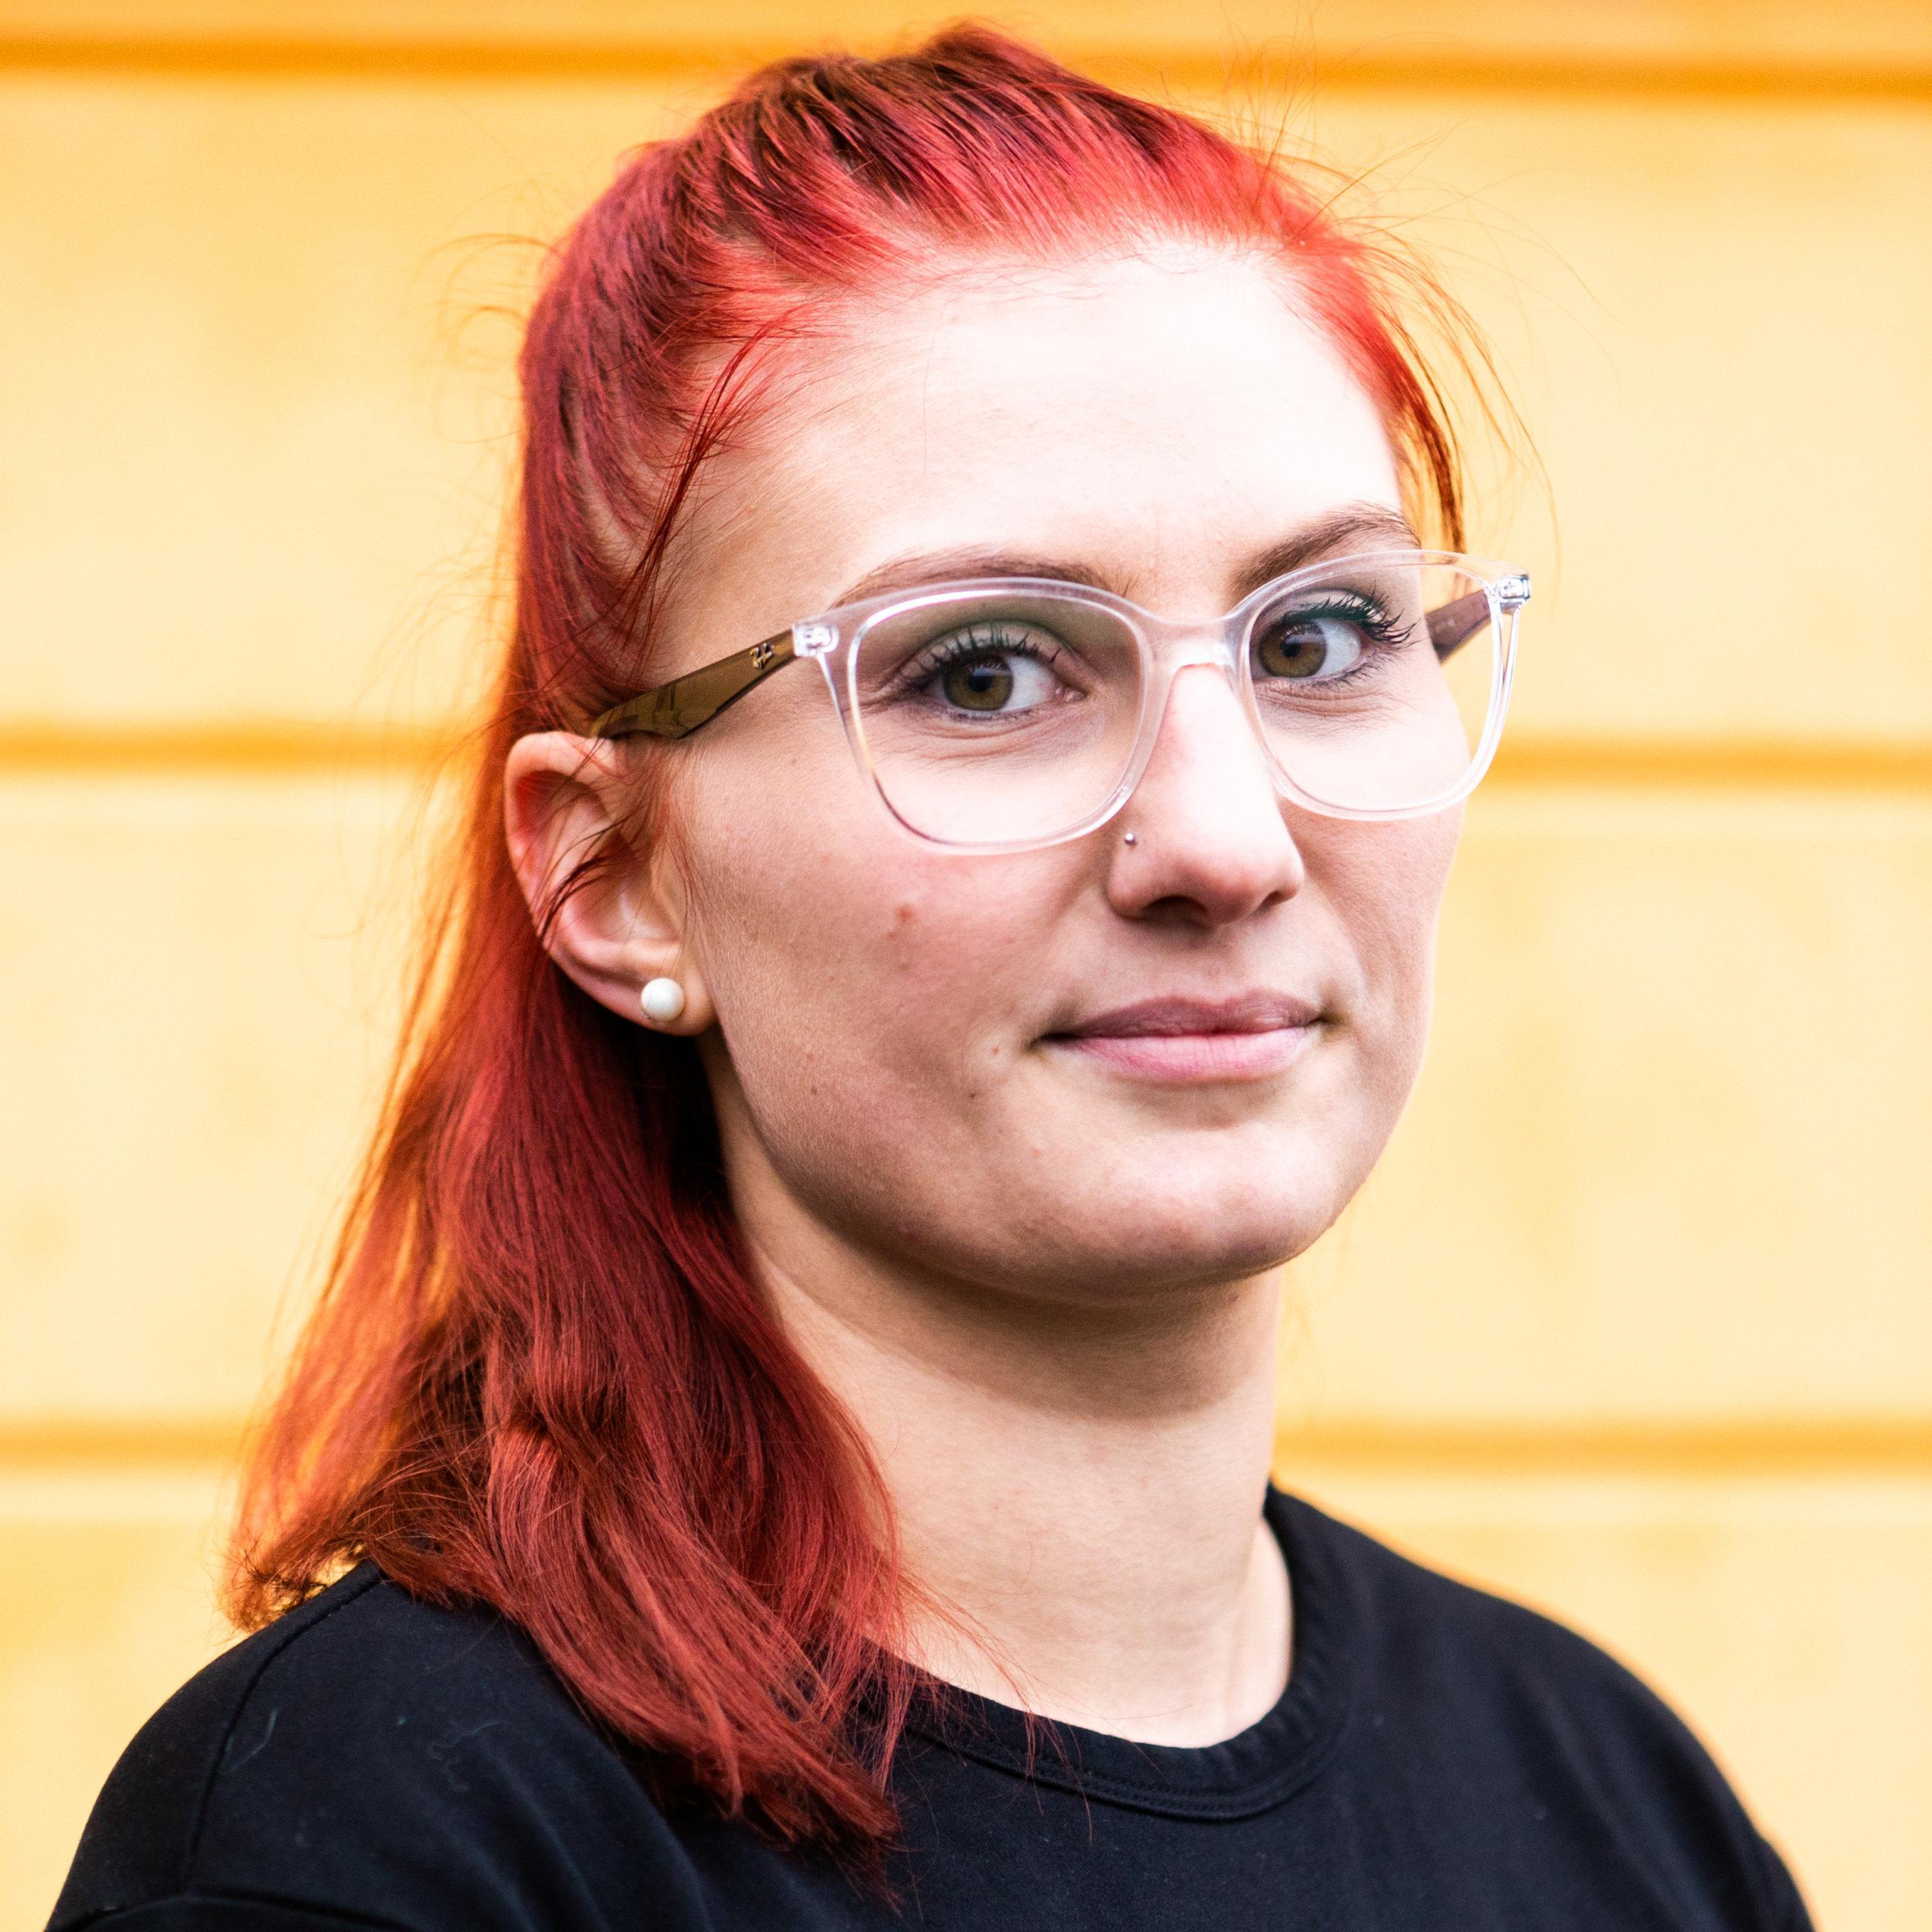 Sofiakylän asiakaspalvelu Amanda Renard